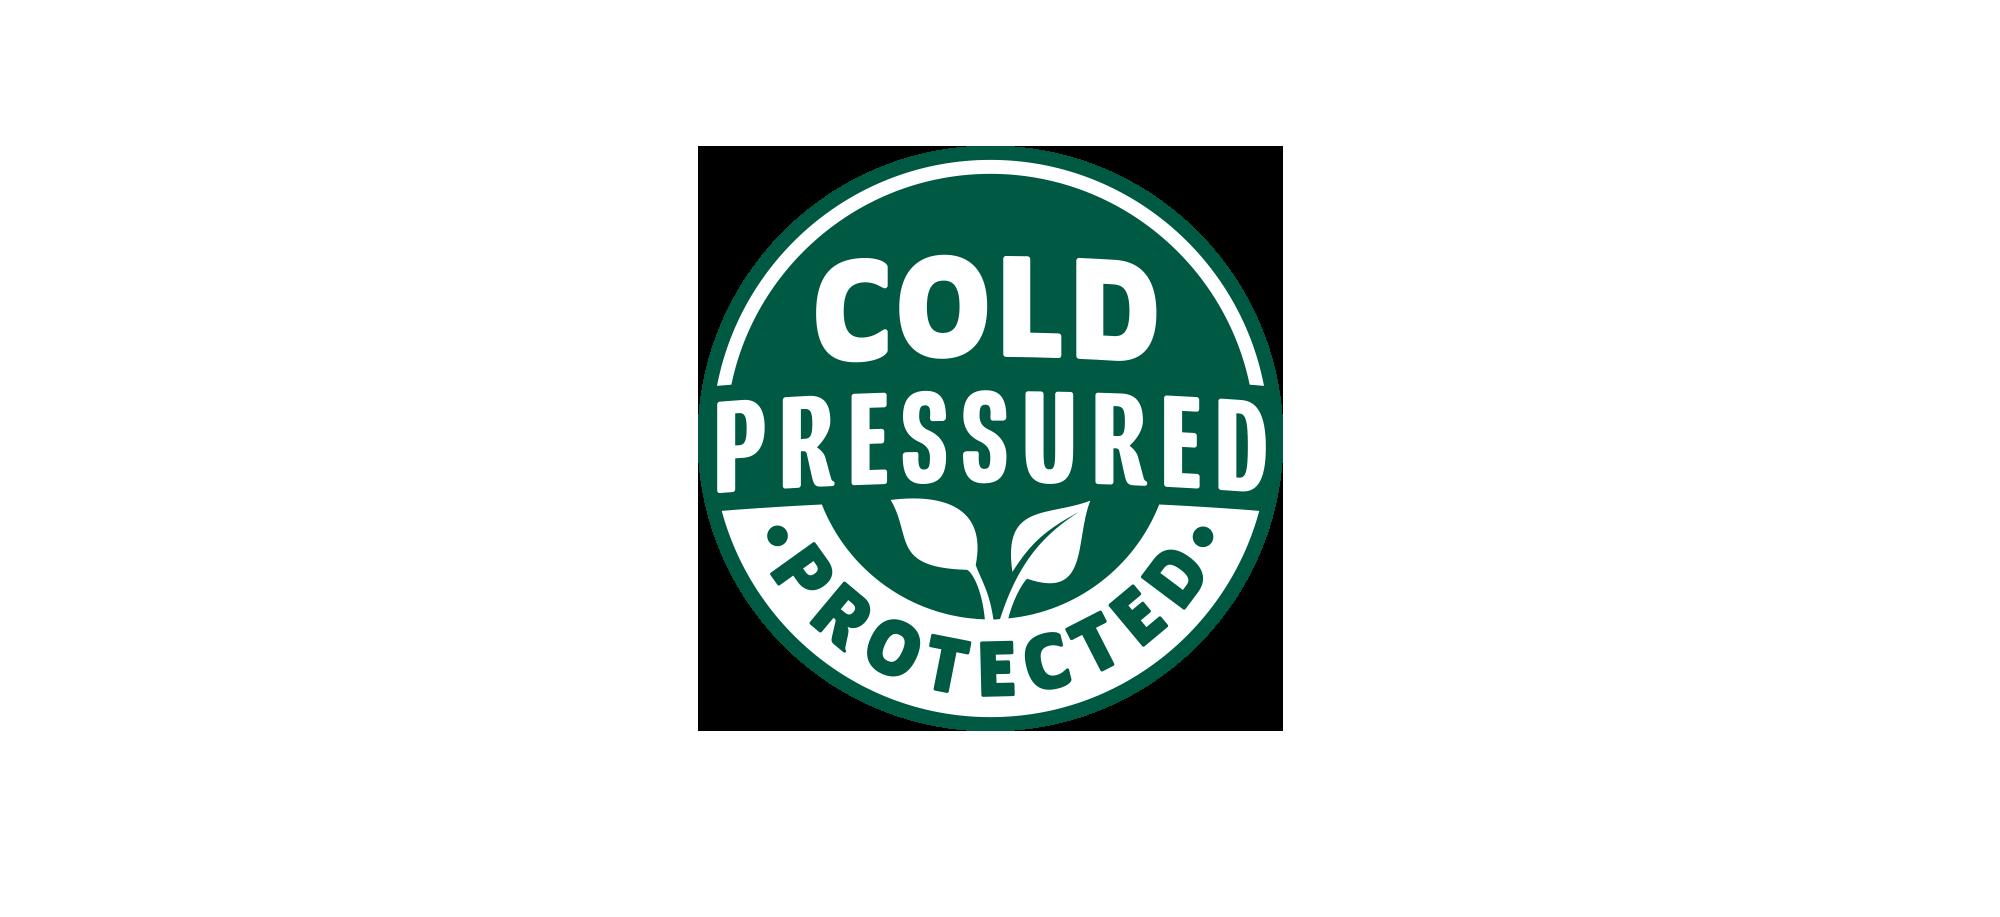 Cold Pressured